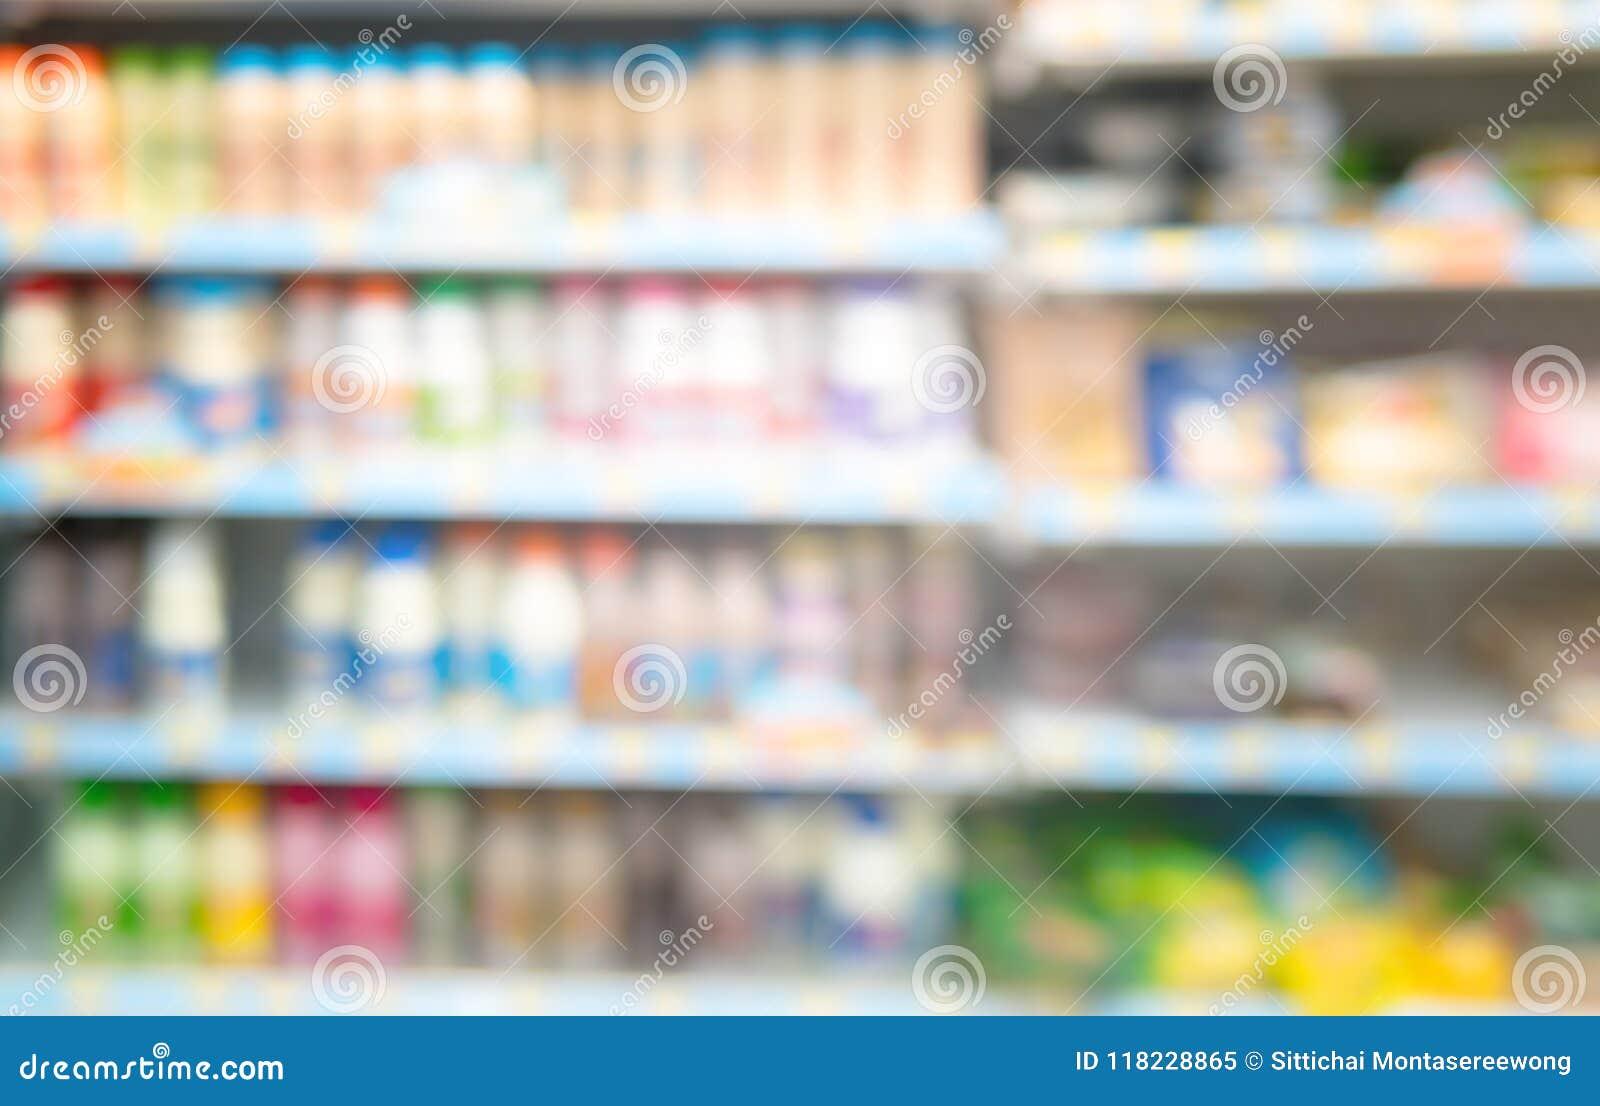 Запачкано изображение, и товары в ночном магазине